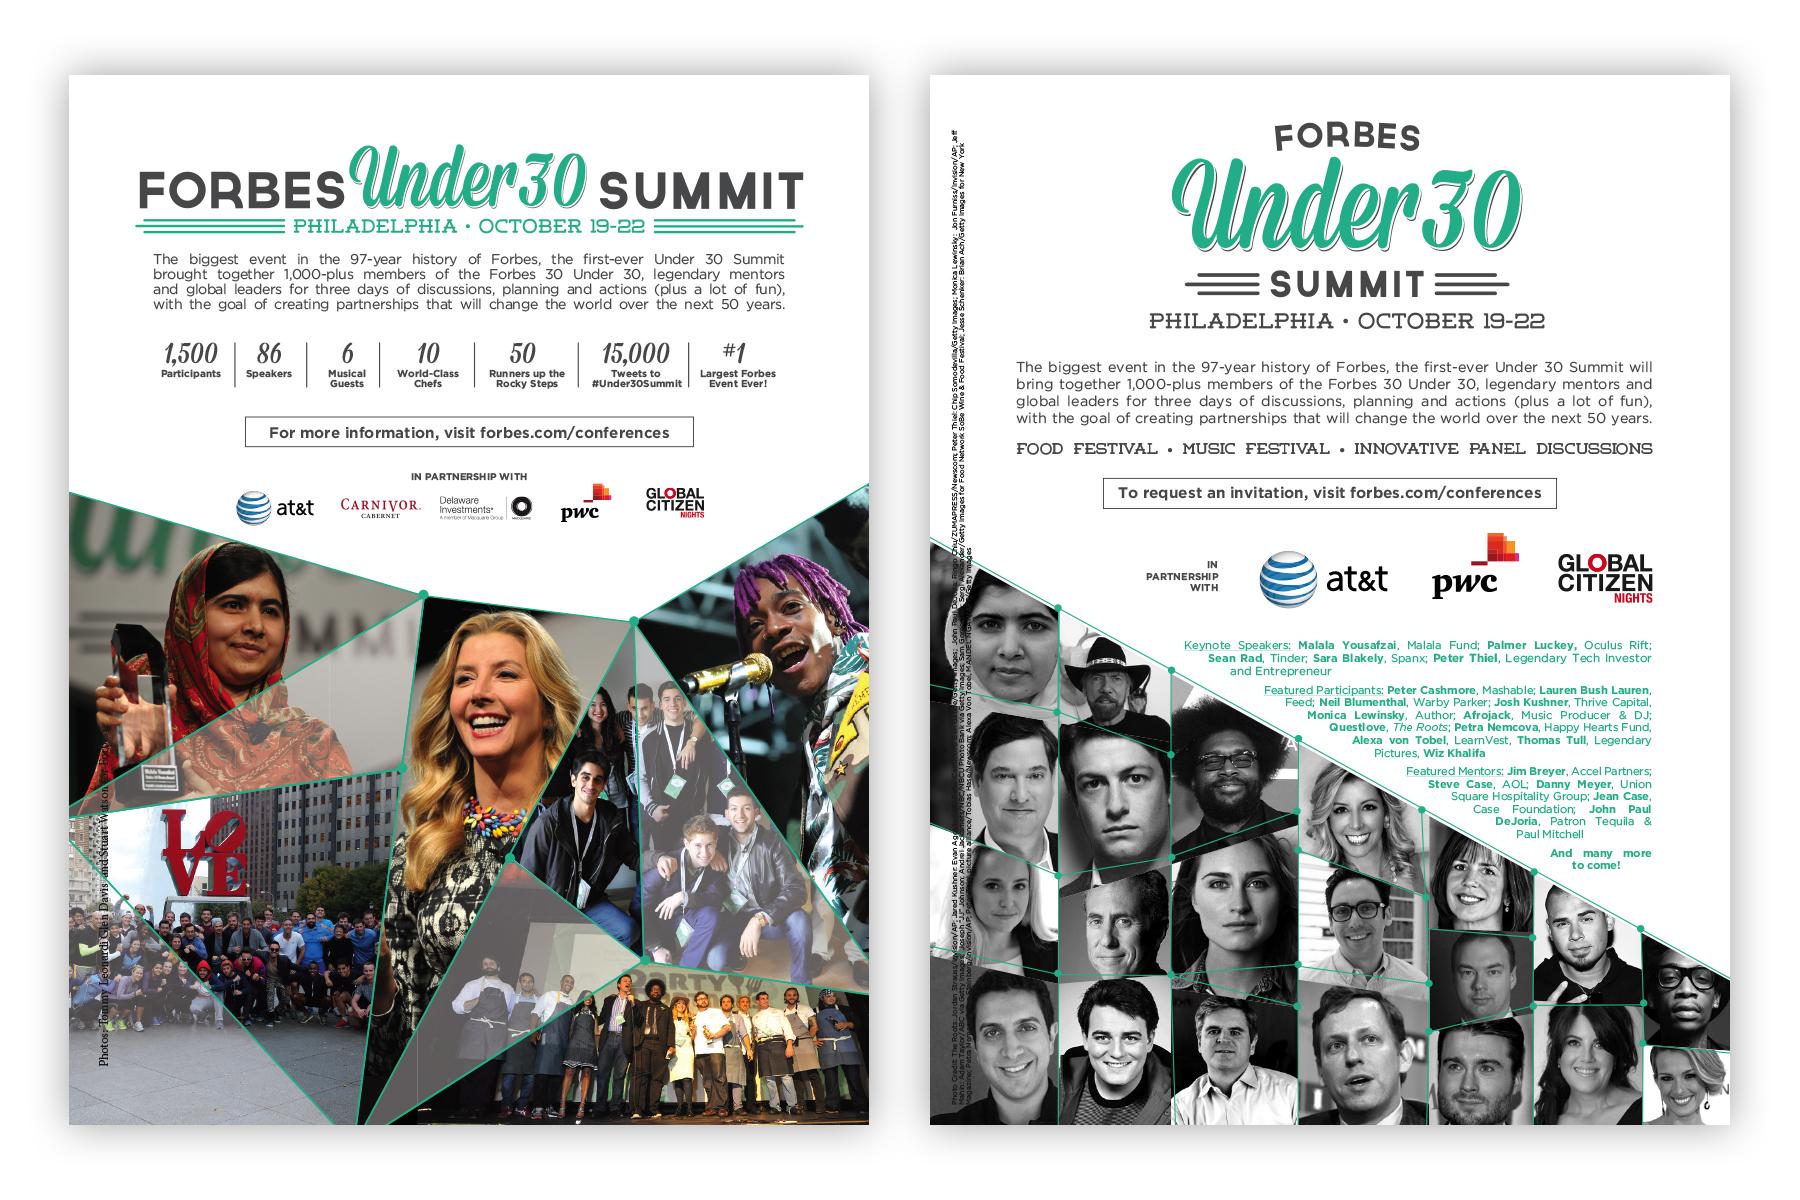 2014 Forbes Under 30 Summit